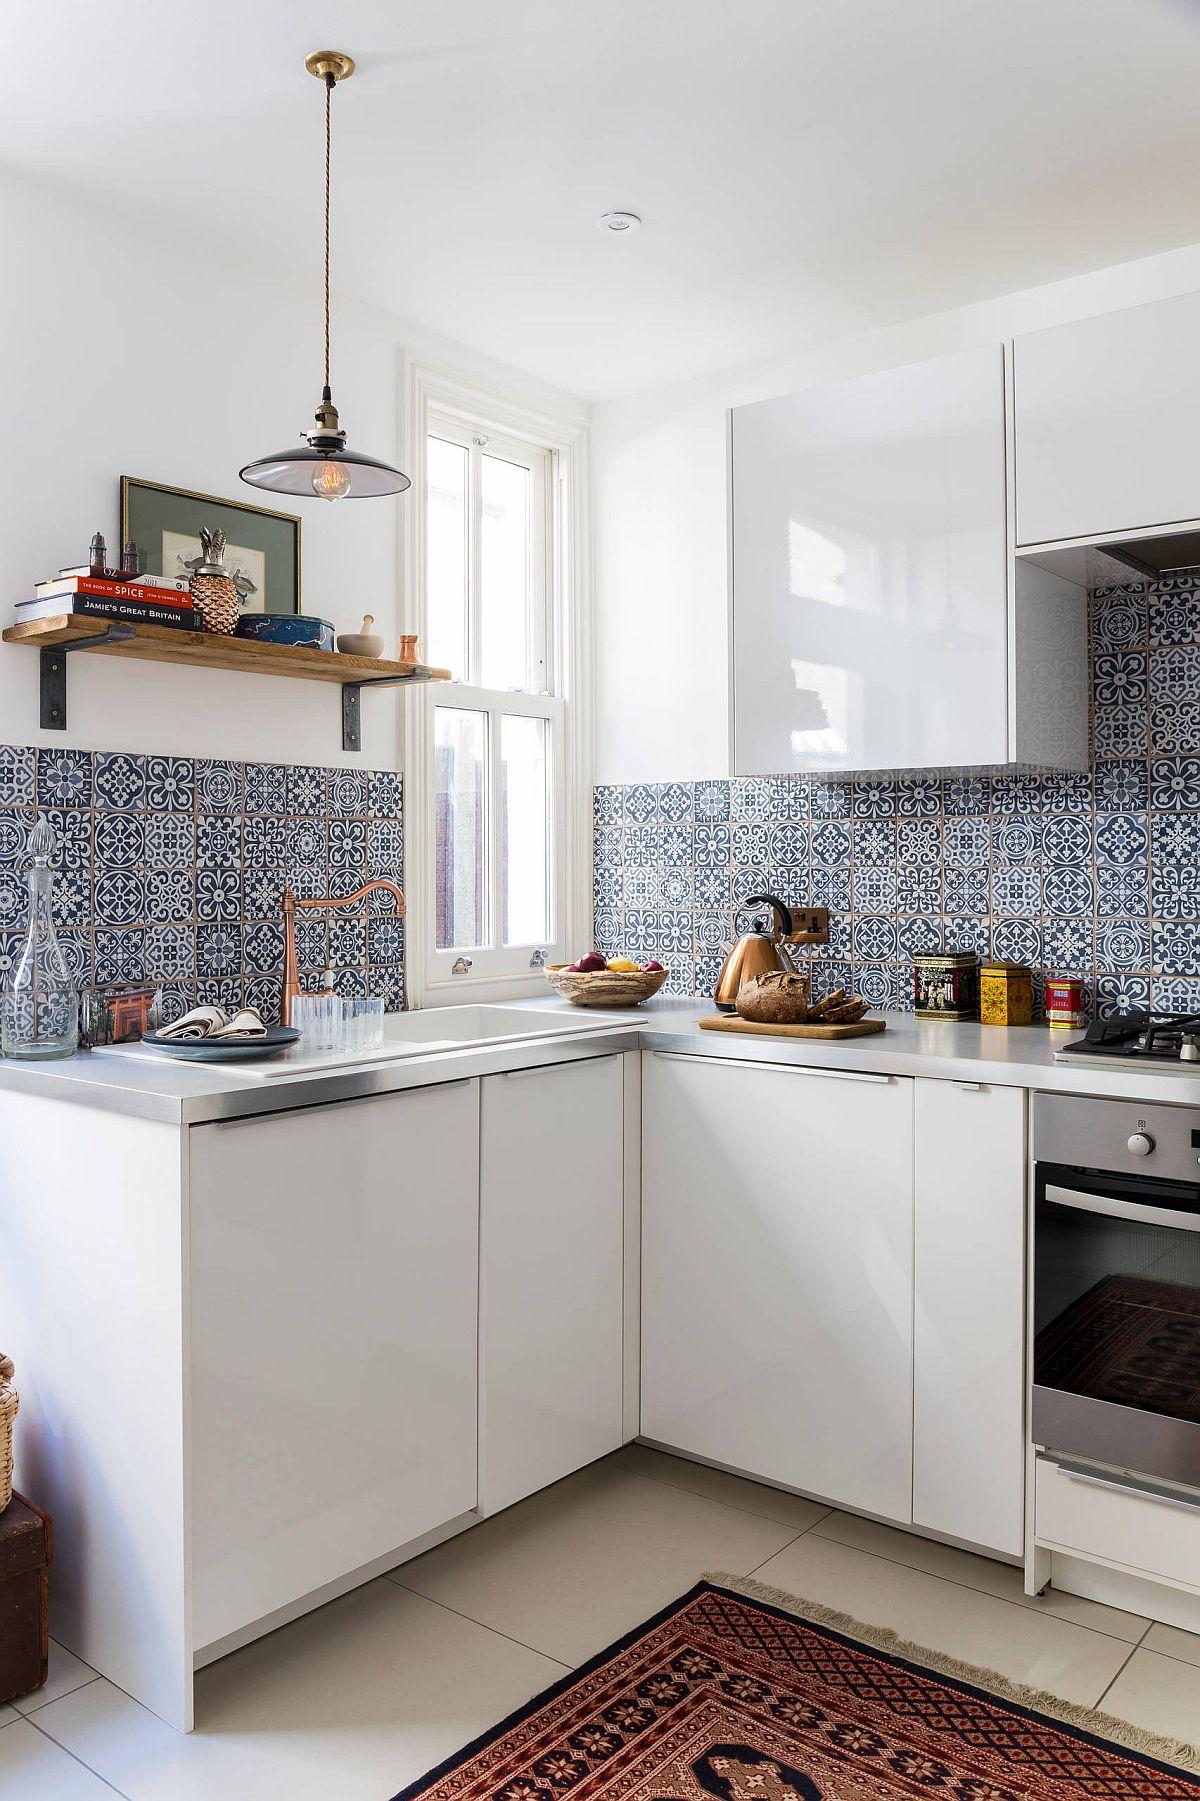 Ngắm những căn bếp nhỏ đầy màu sắc, đẹp đến mức làm xiêu lòng bất cứ ai - Ảnh 12.